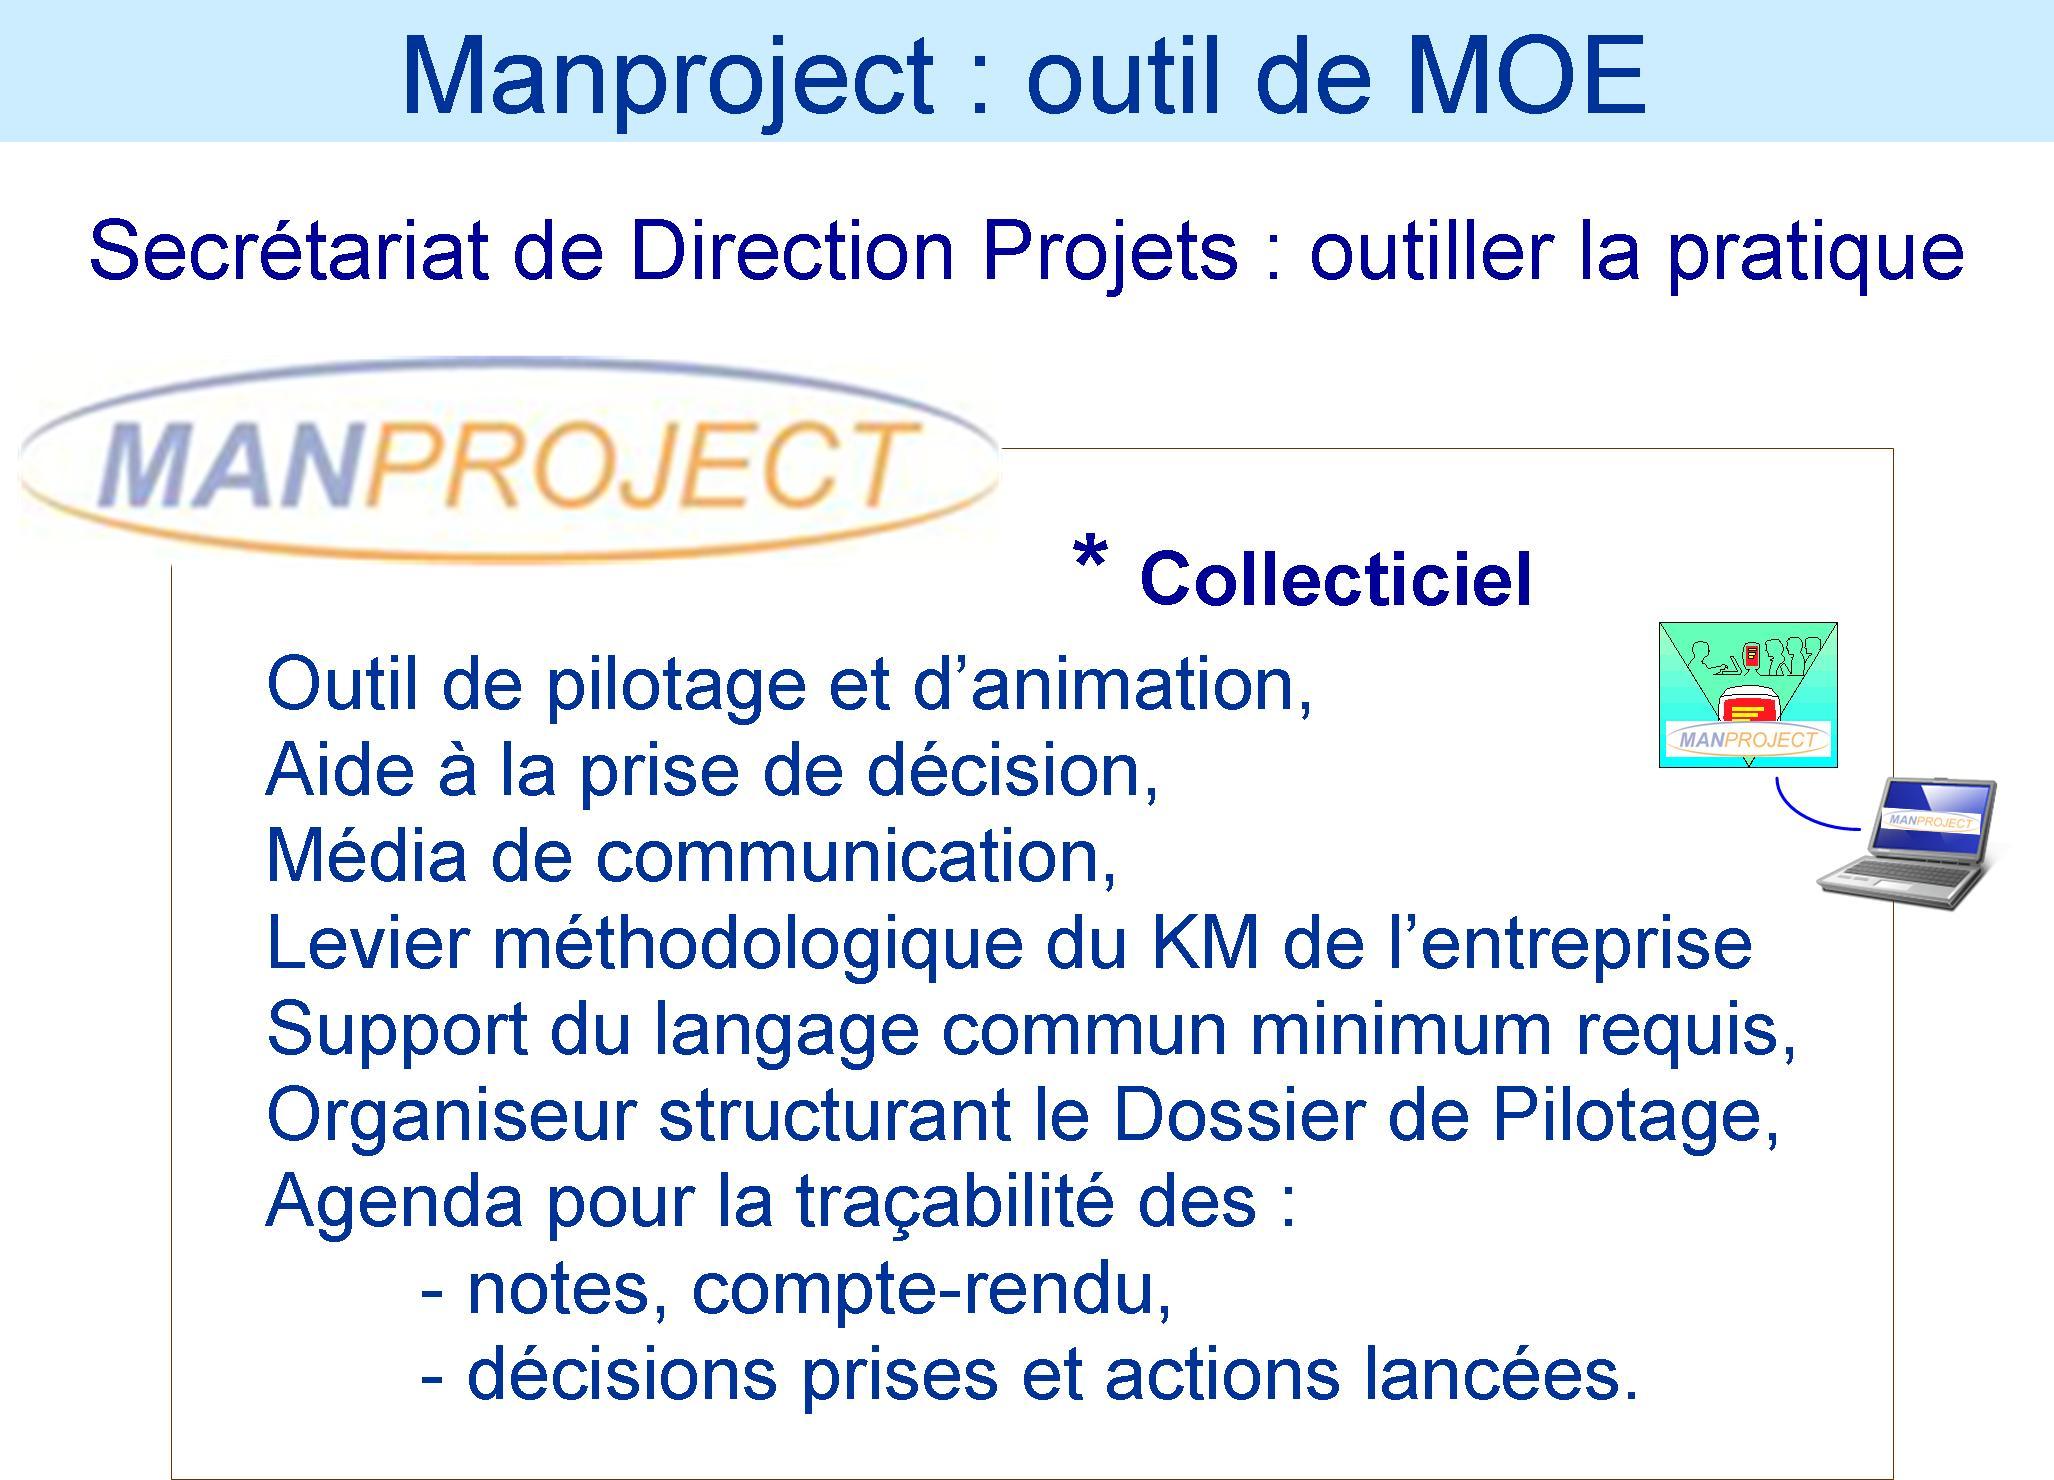 Manproject Outil de MOE